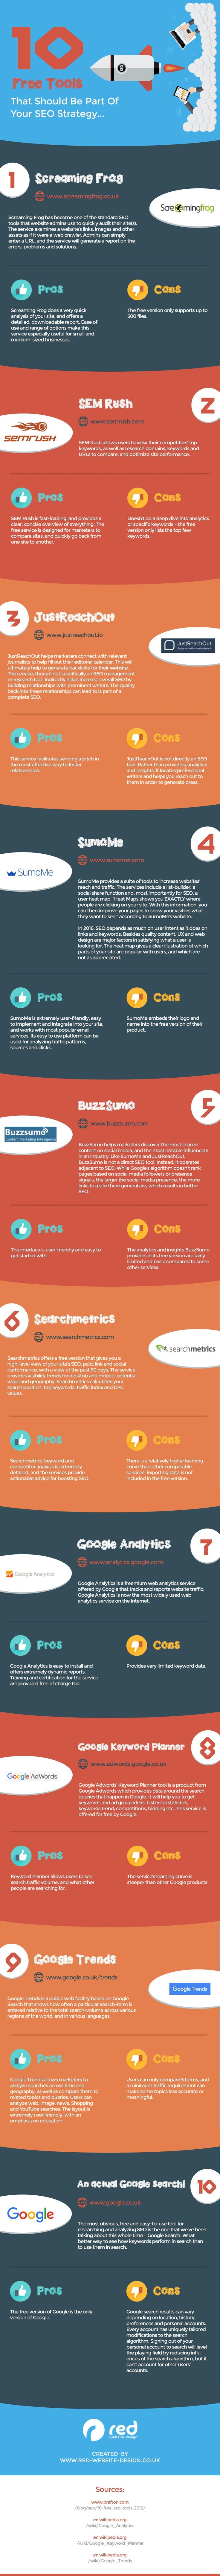 Hola: Una infografía con10 herramientas gratuitas que deben formar parte de tu estrategia SEO. Vía Un saludo